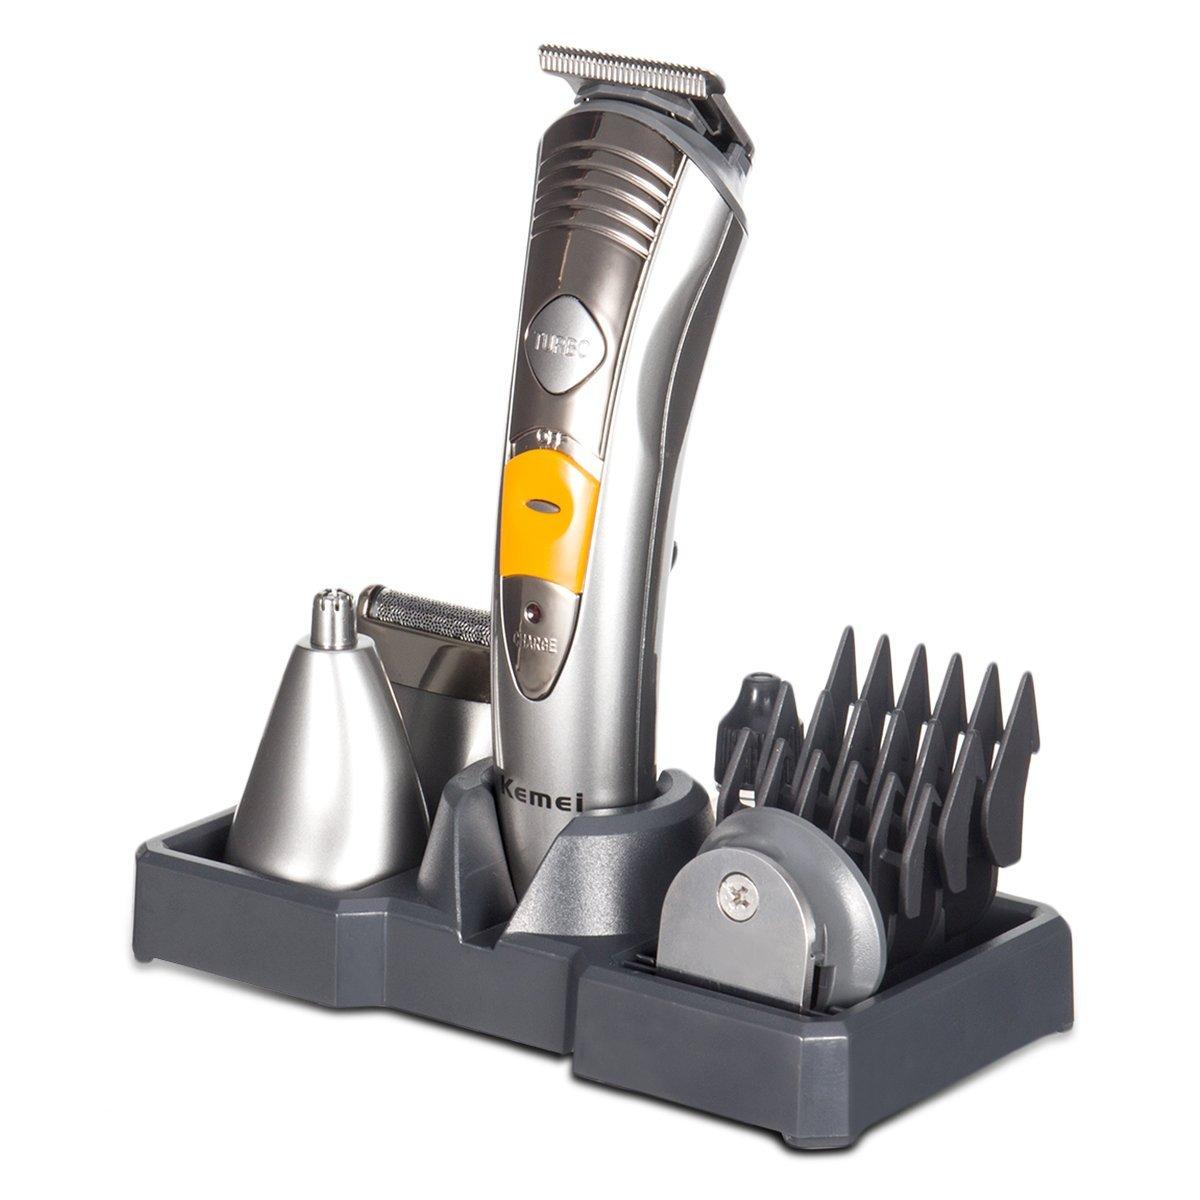 Sans fil Étanche Tondeuse Kit 7 en 1 Multi-Usage Tondeuses à cheveux Rechargeable Toilettage Kit Cheveux Barbe Nez